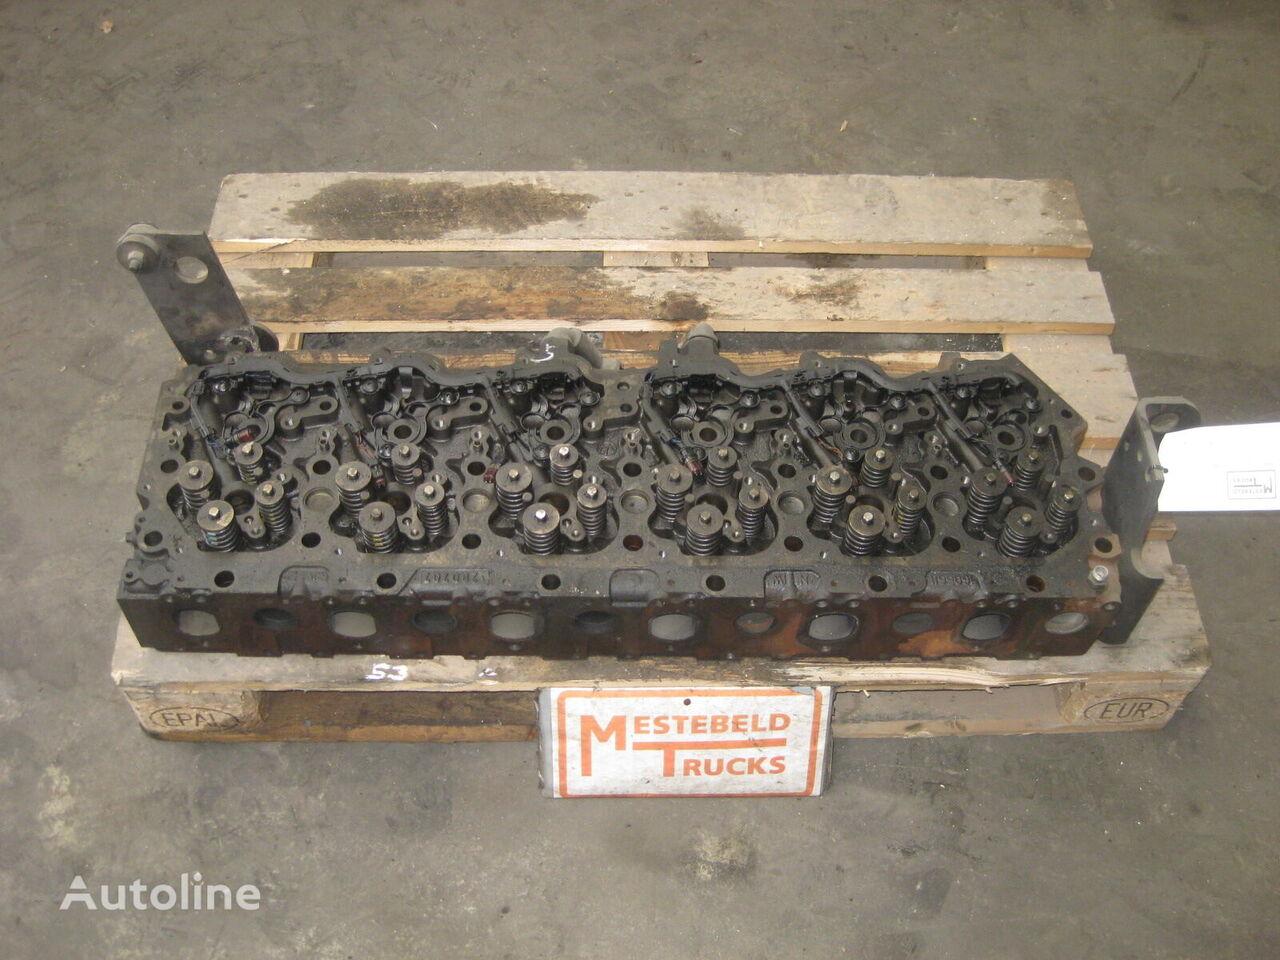 DAF Cilinderkop valve cover for DAF truck